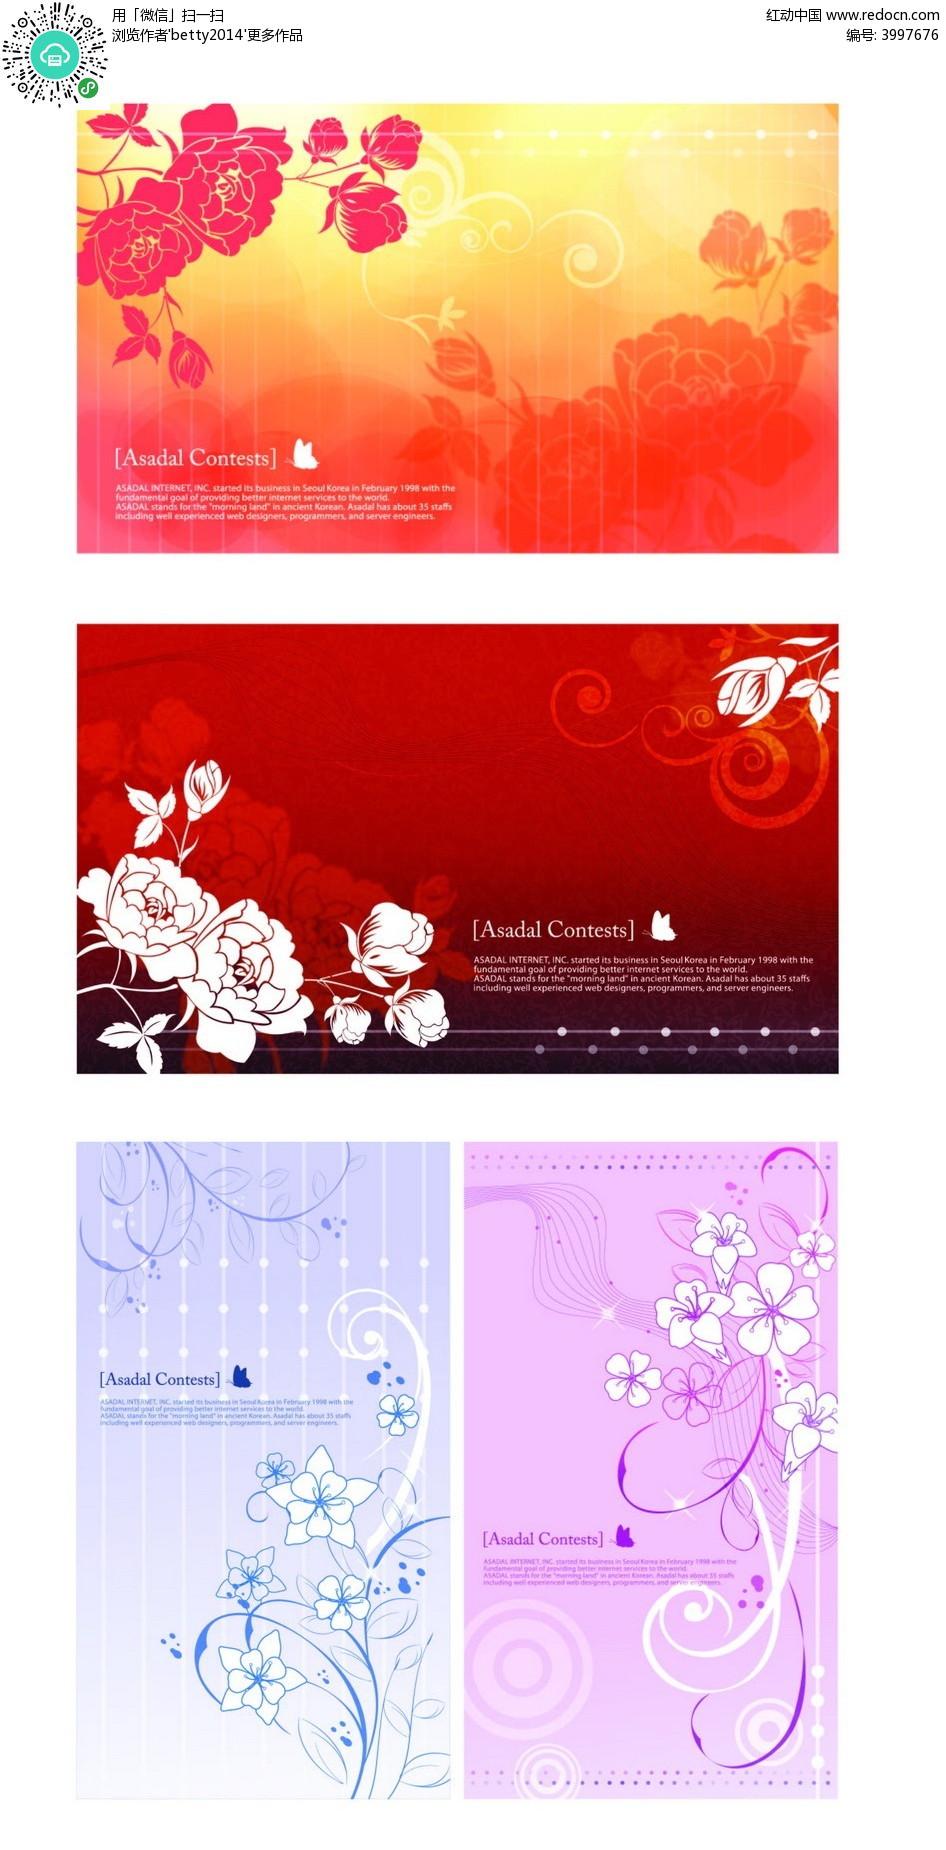 免费素材 矢量素材 花纹边框 底纹背景 剪影玫瑰花百合花商业创意背景